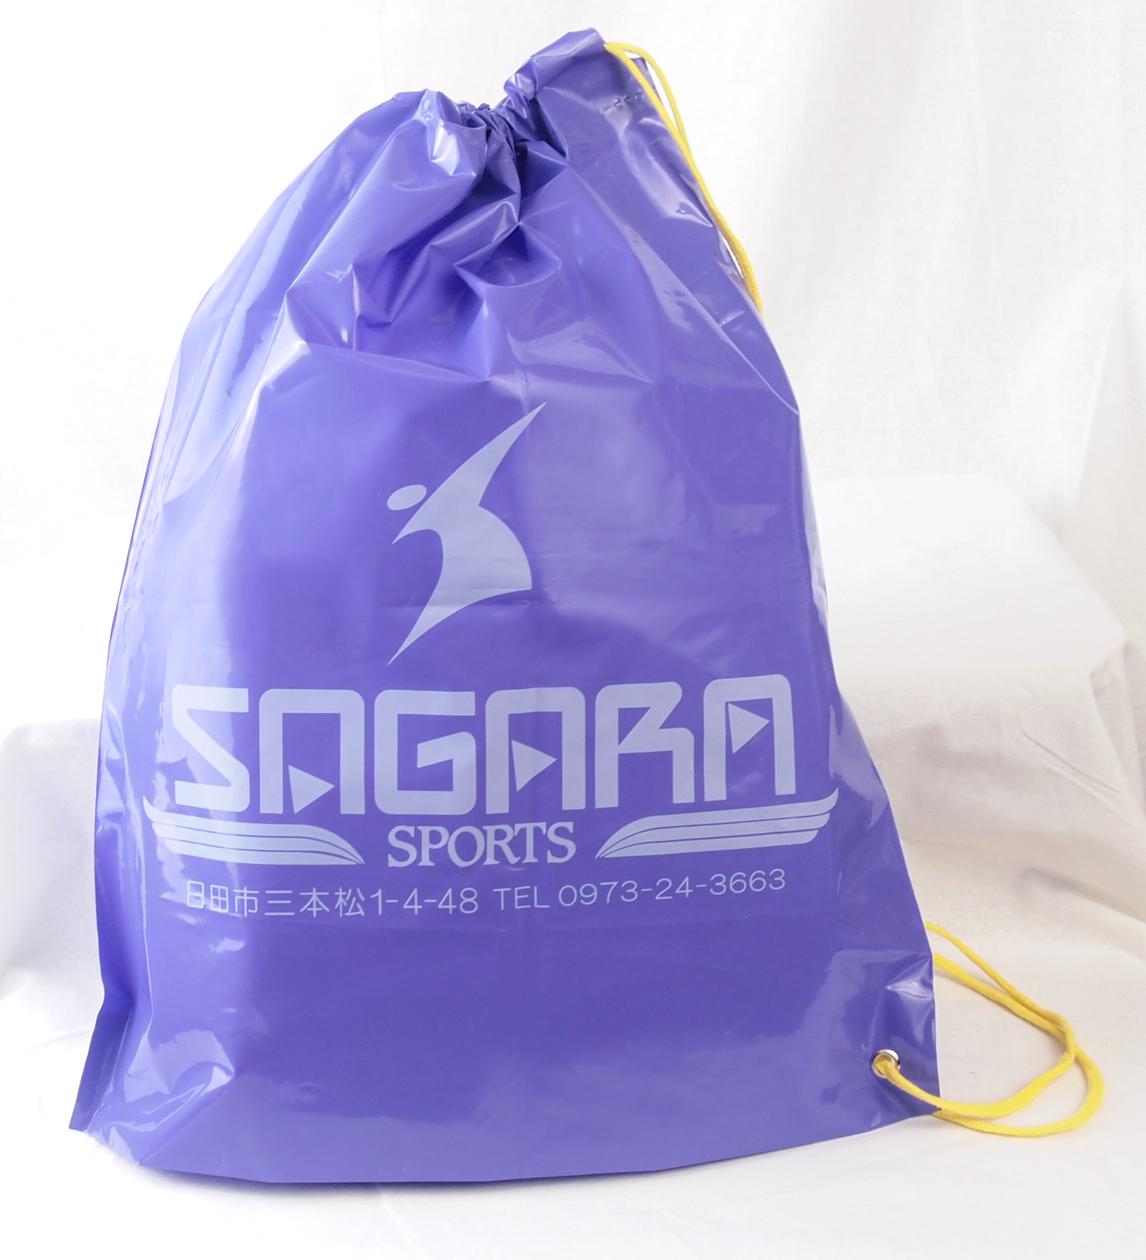 スポーツ用品のショップのビニールショルダーバッグ